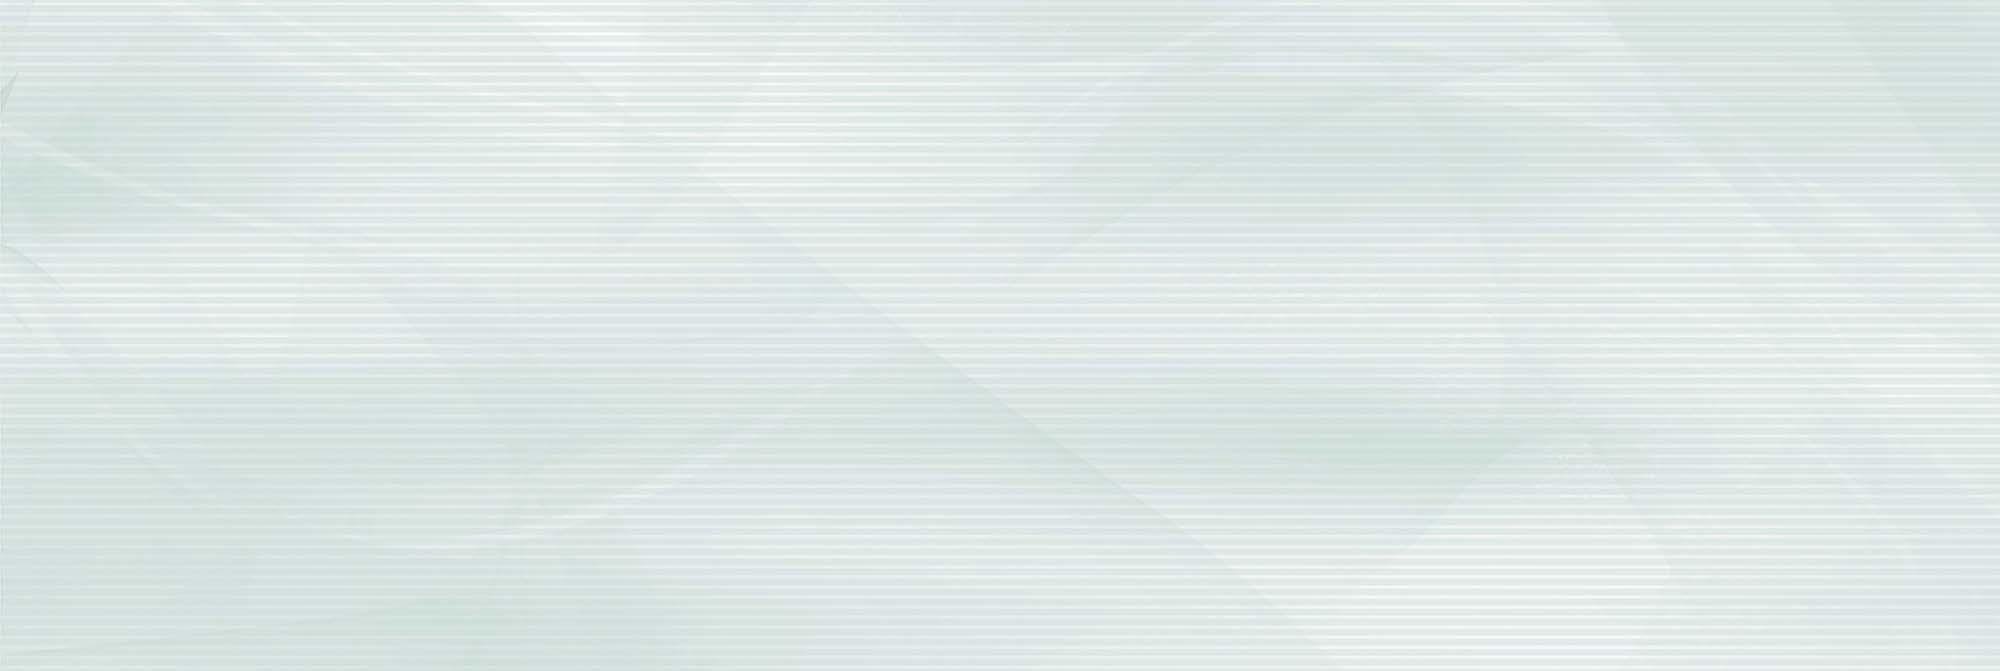 Купить Керамическая плитка AltaСera Solar Cloud WT11СLD03 настенная 20x60, Россия